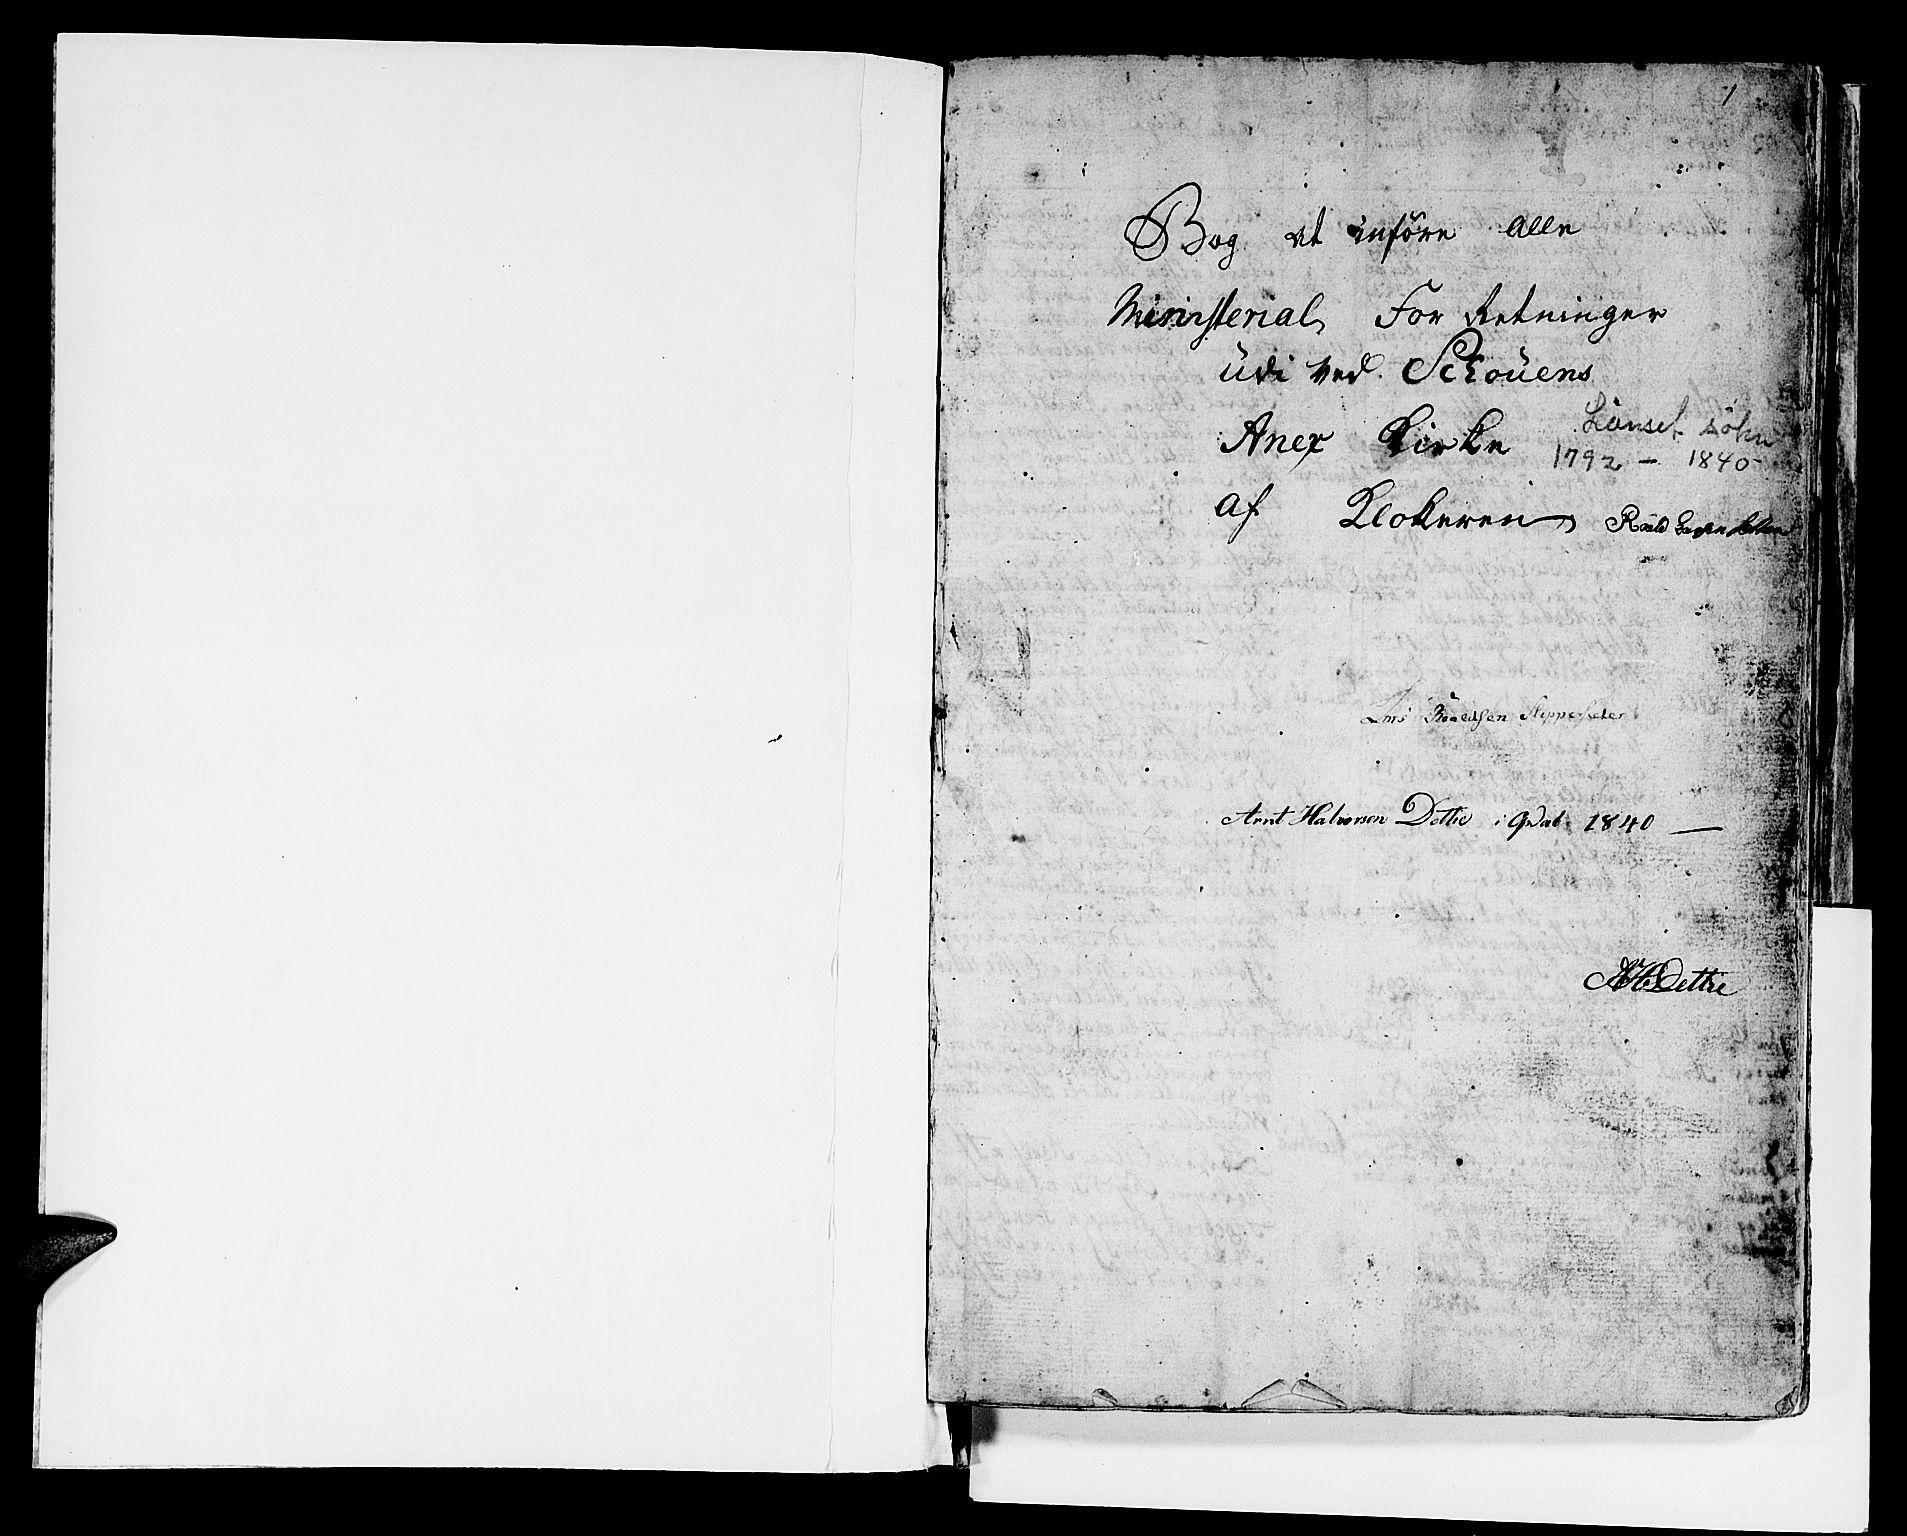 SAT, Ministerialprotokoller, klokkerbøker og fødselsregistre - Sør-Trøndelag, 679/L0921: Klokkerbok nr. 679C01, 1792-1840, s. 1